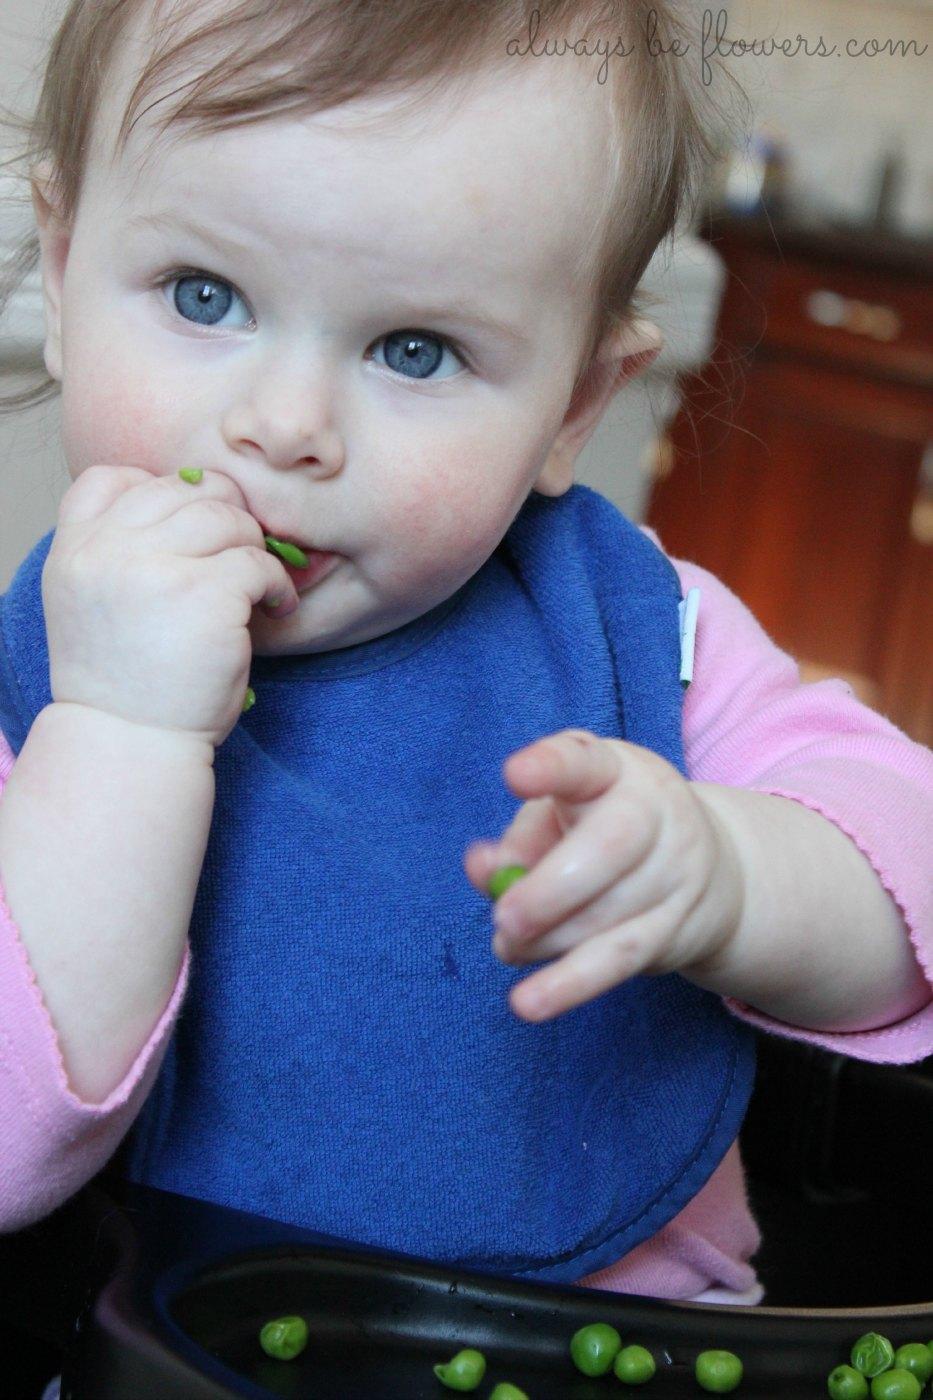 baby-eating-more-peas.jpg